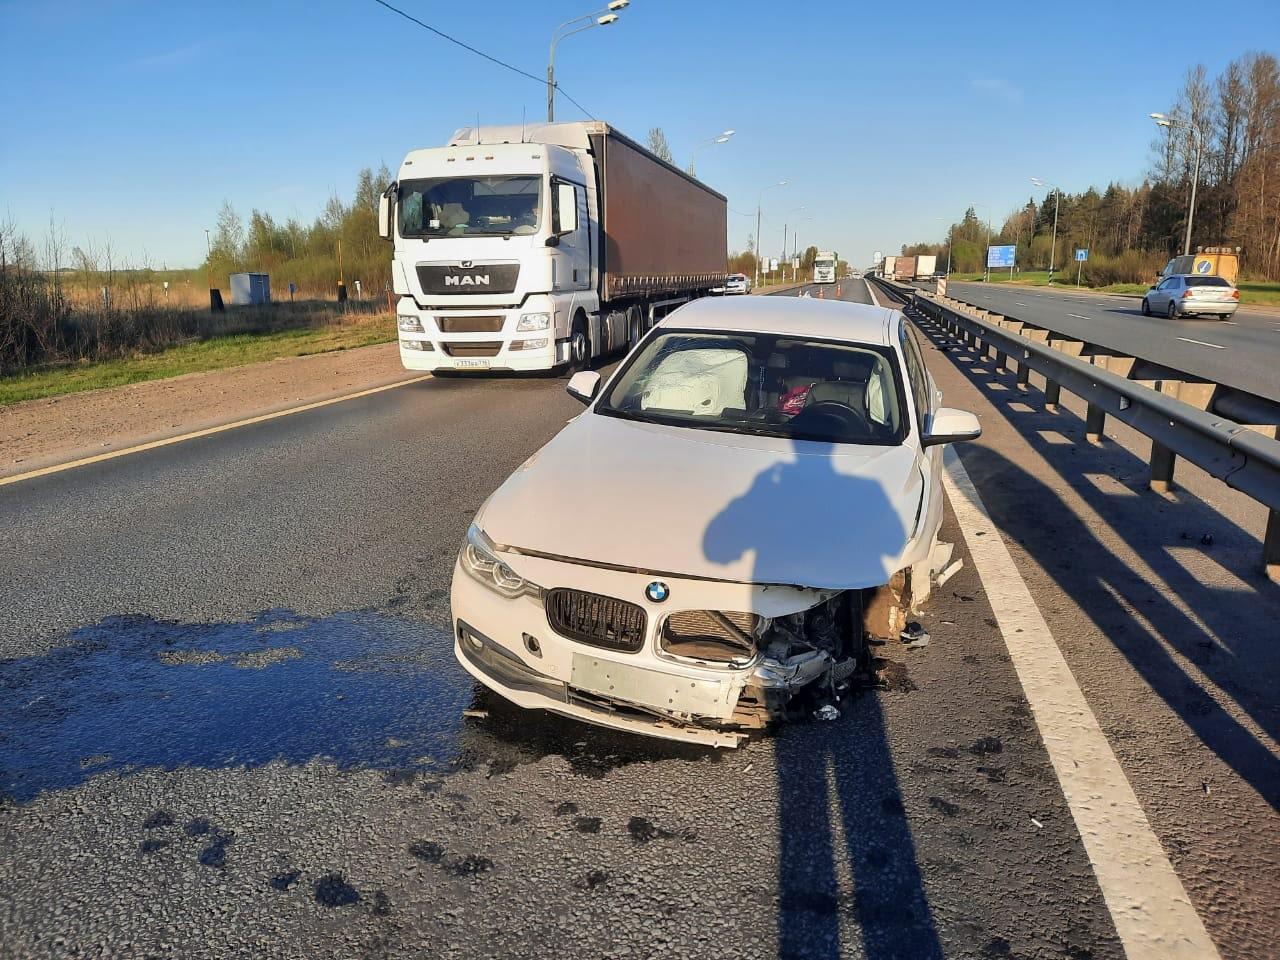 Иномарка налетела на отбойник на М-10 в Тверской области, есть пострадавшая